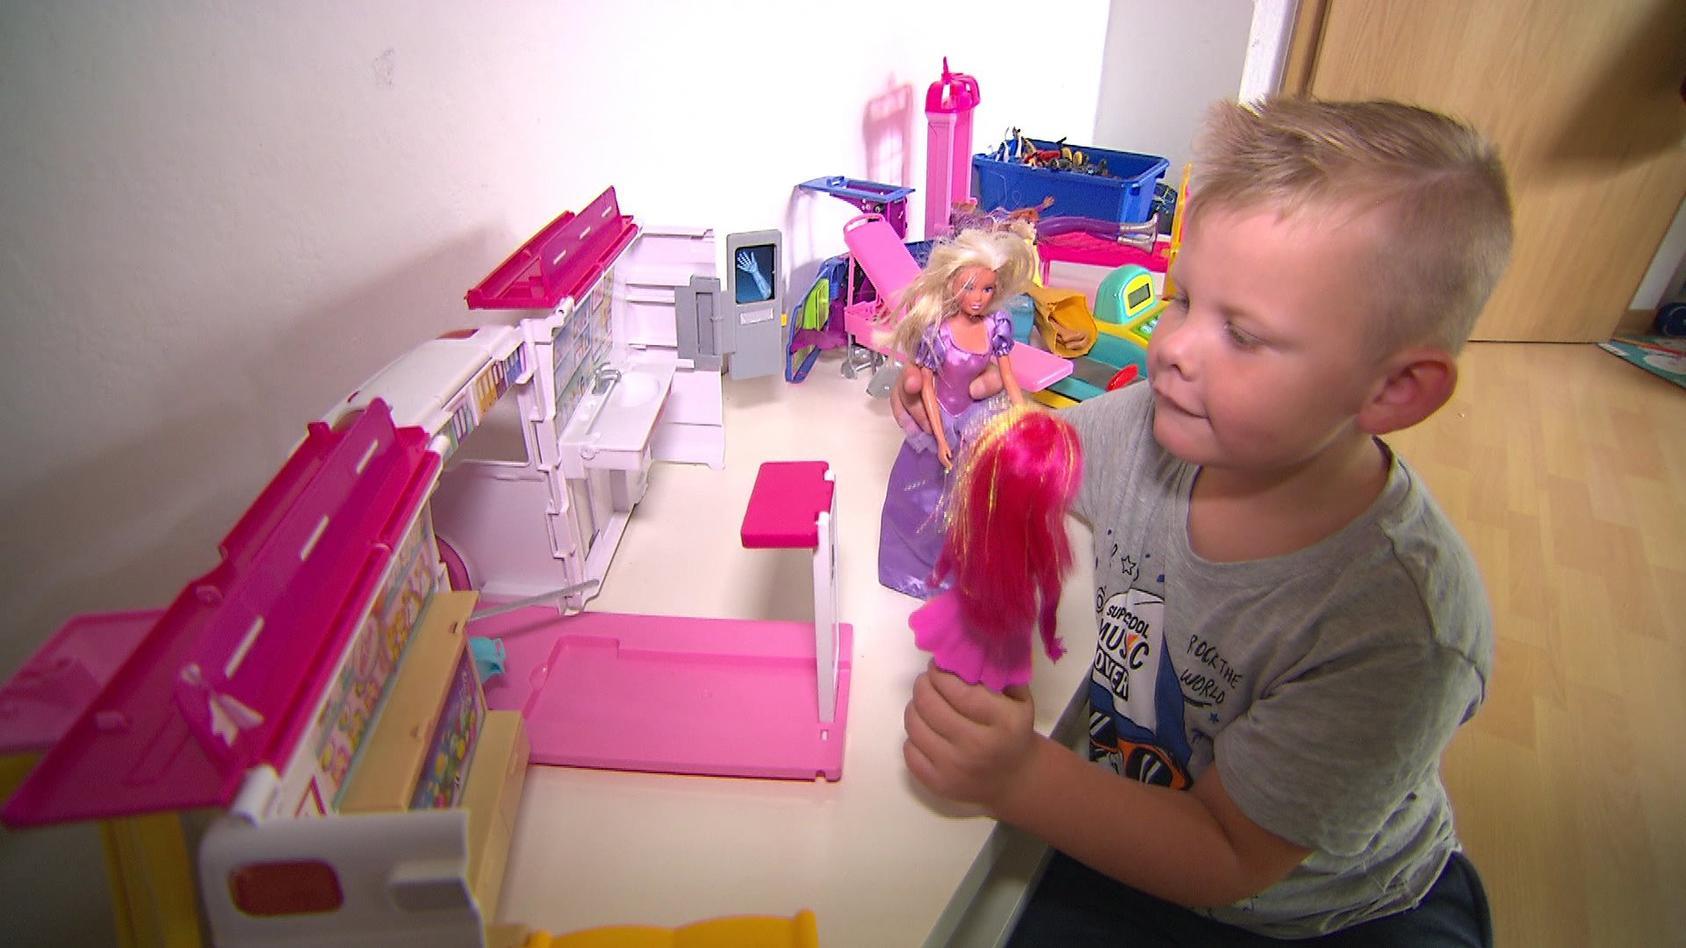 Elias spielt gerne mit Puppen - war das der wahre Grund für seinen Kita-Rauswurf?